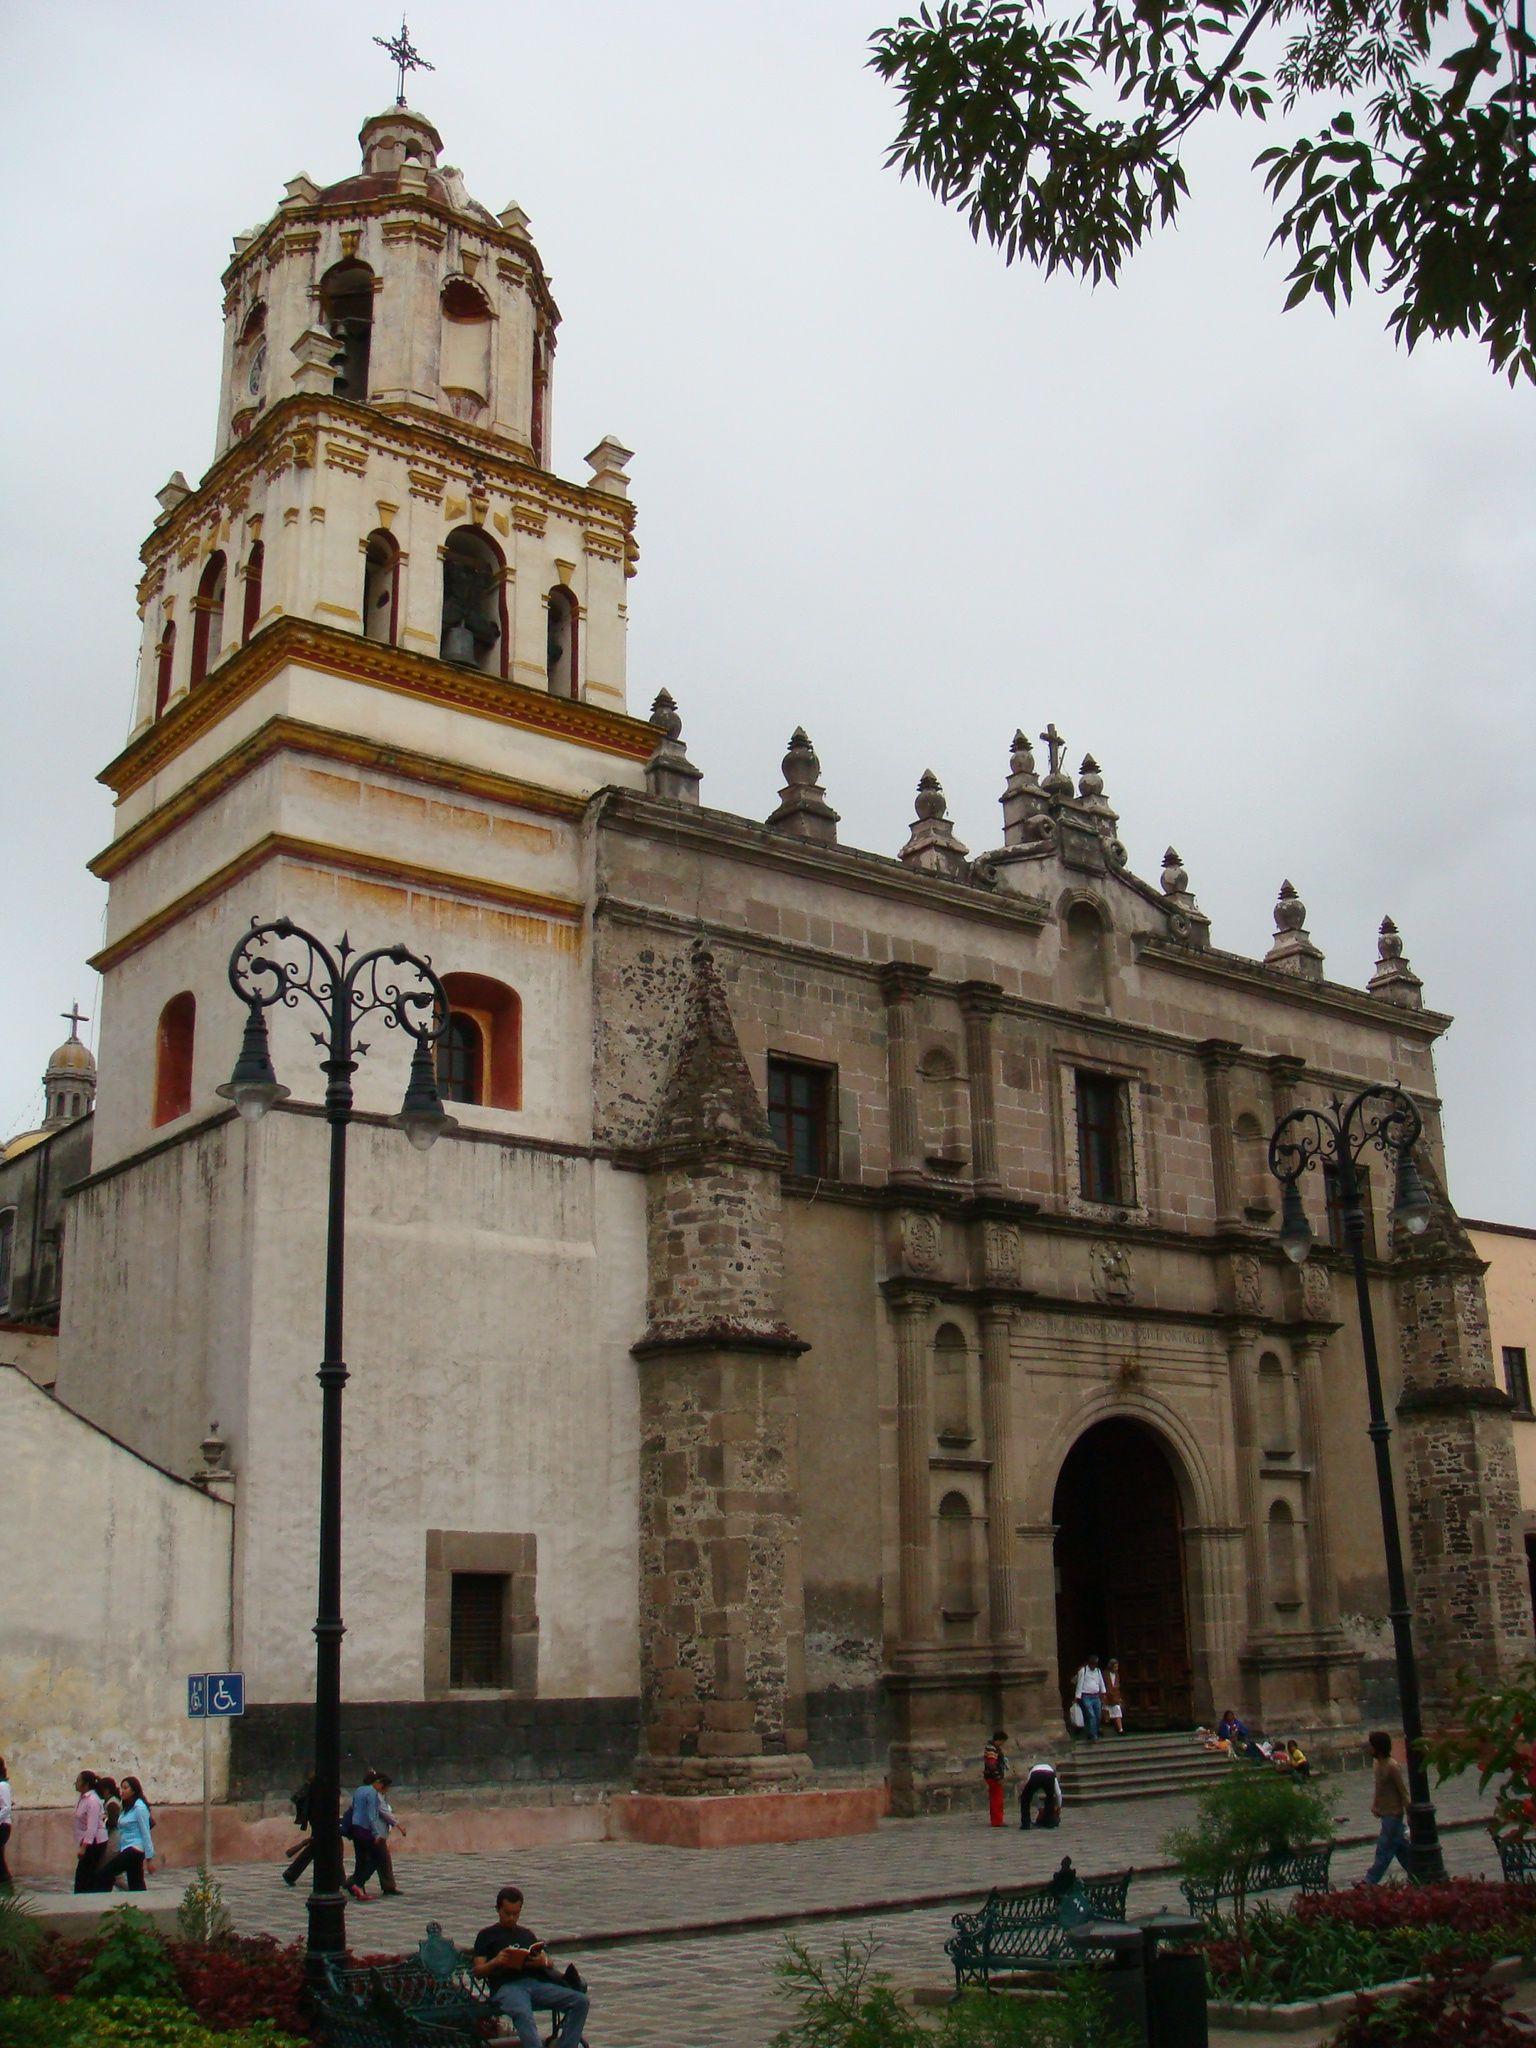 Parroquia de San Juan Bautista, Coyoacan, México